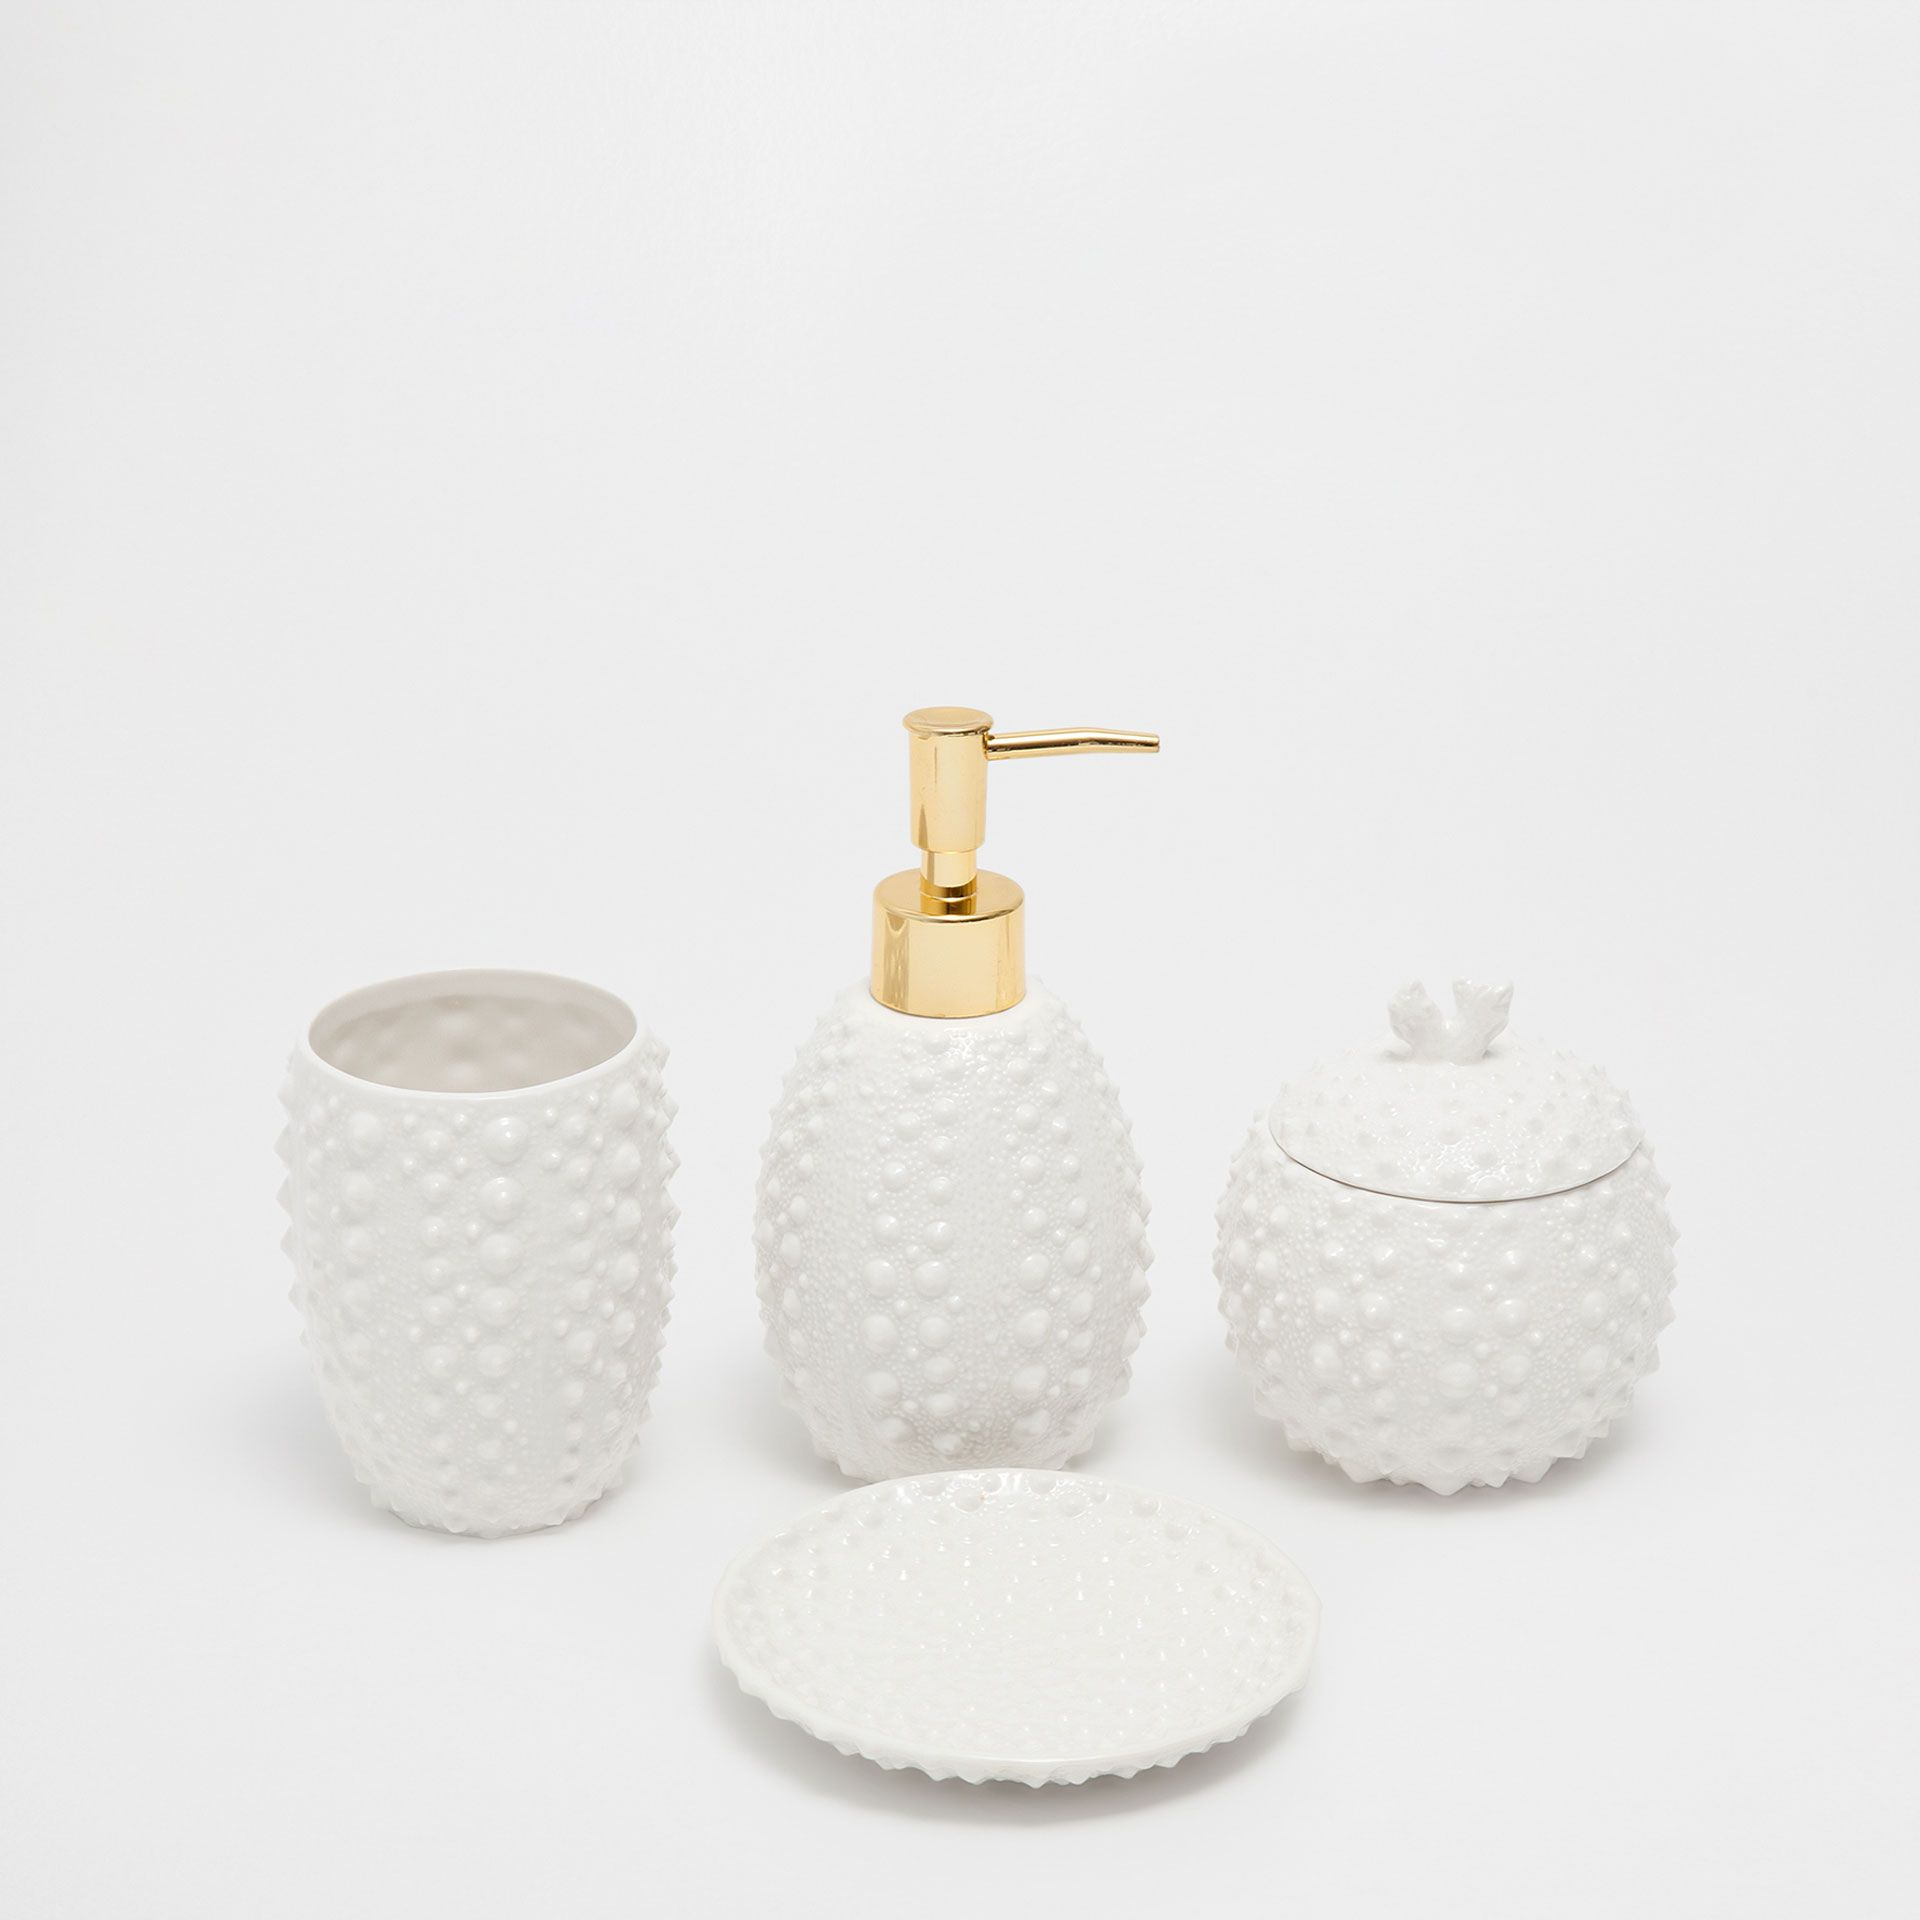 MARINE RAISED CERAMIC BATHROOM SET | Bathroom | Pinterest